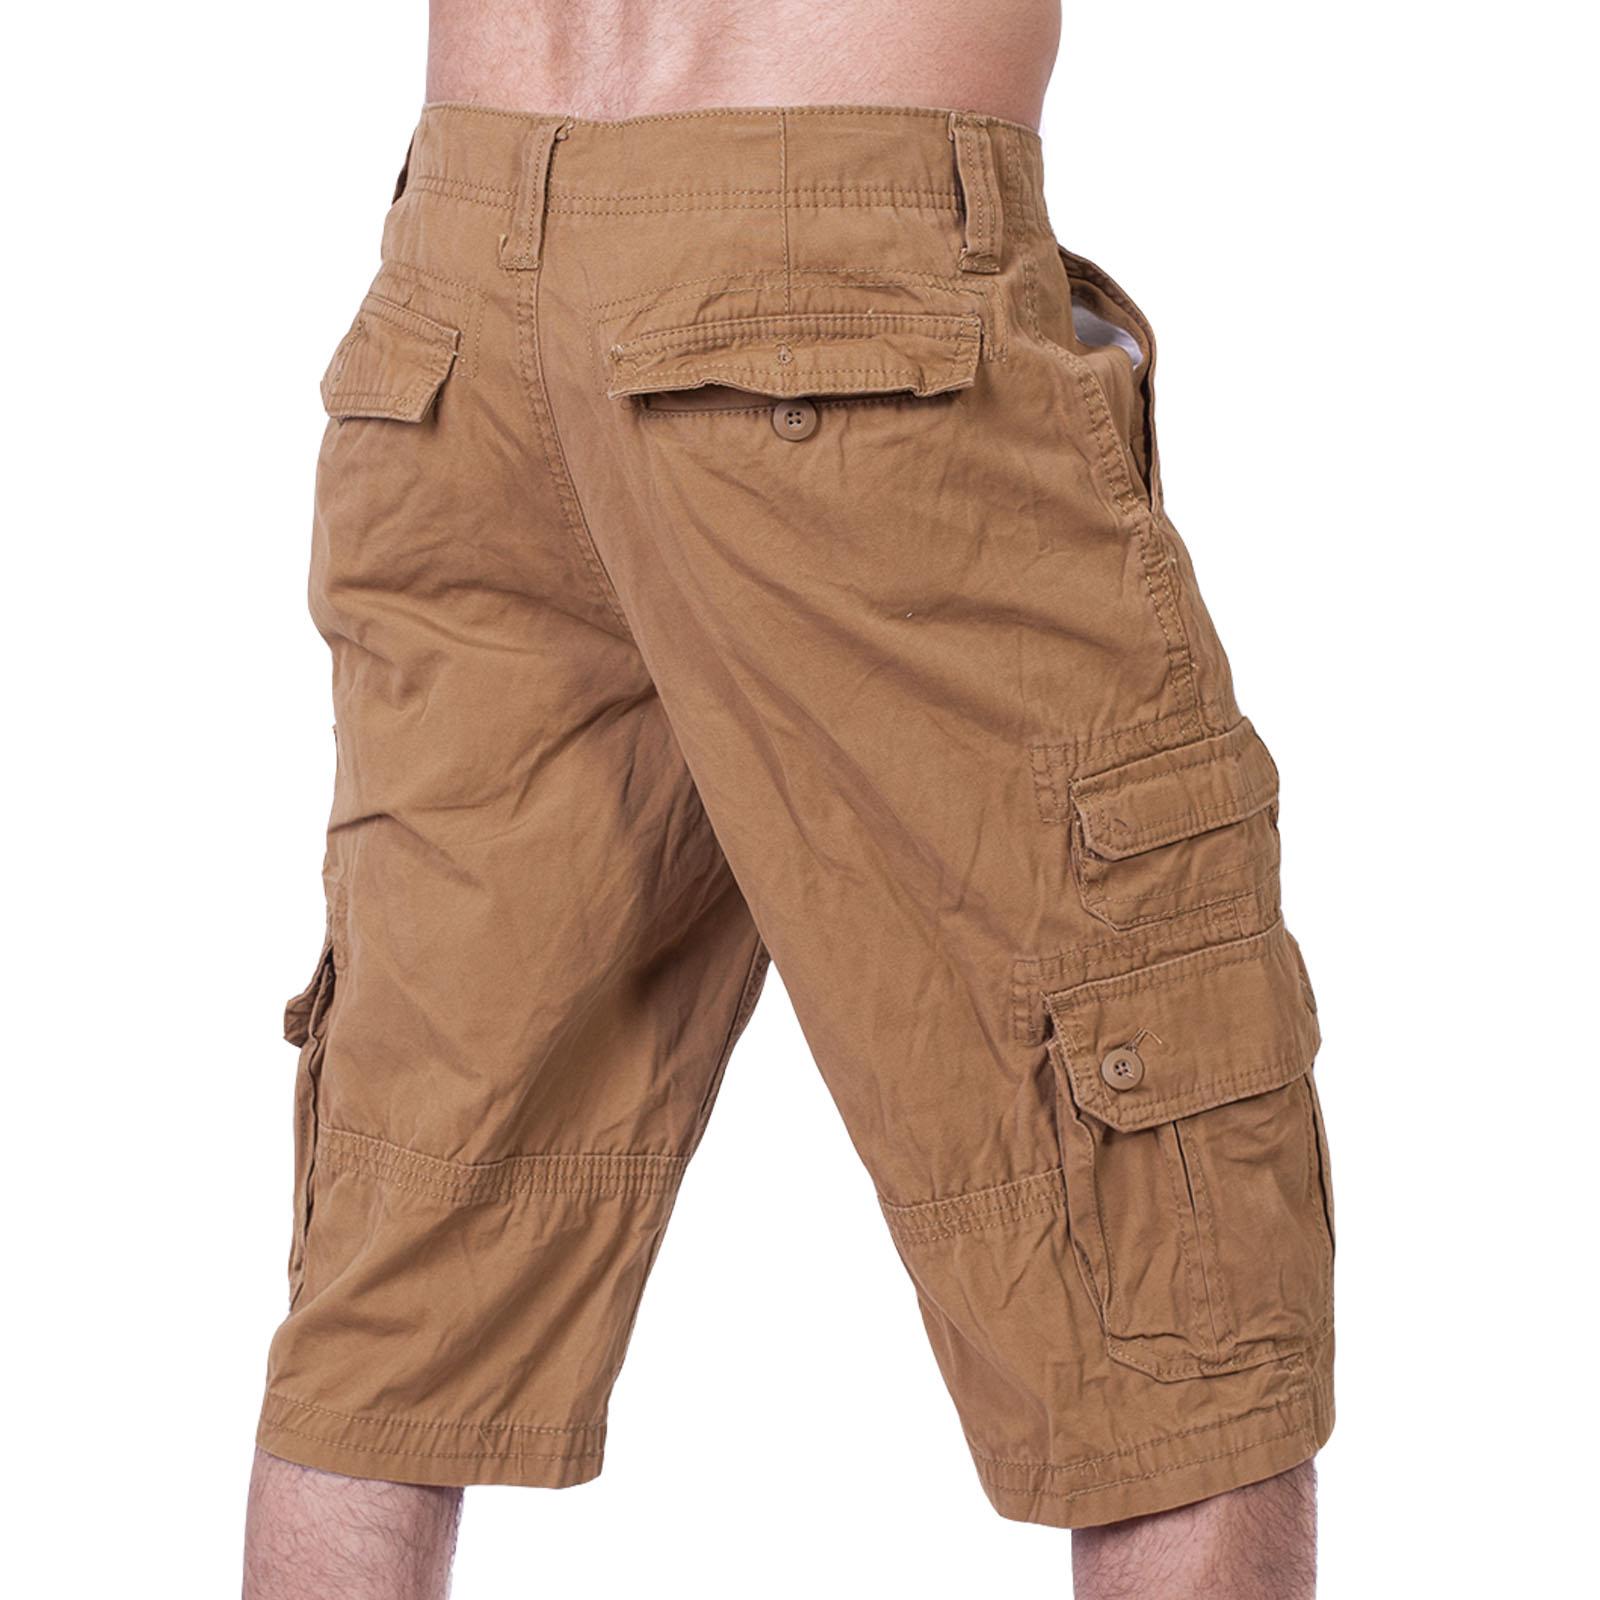 Продажа мужских шорт и другой одежды для военных и гражданских